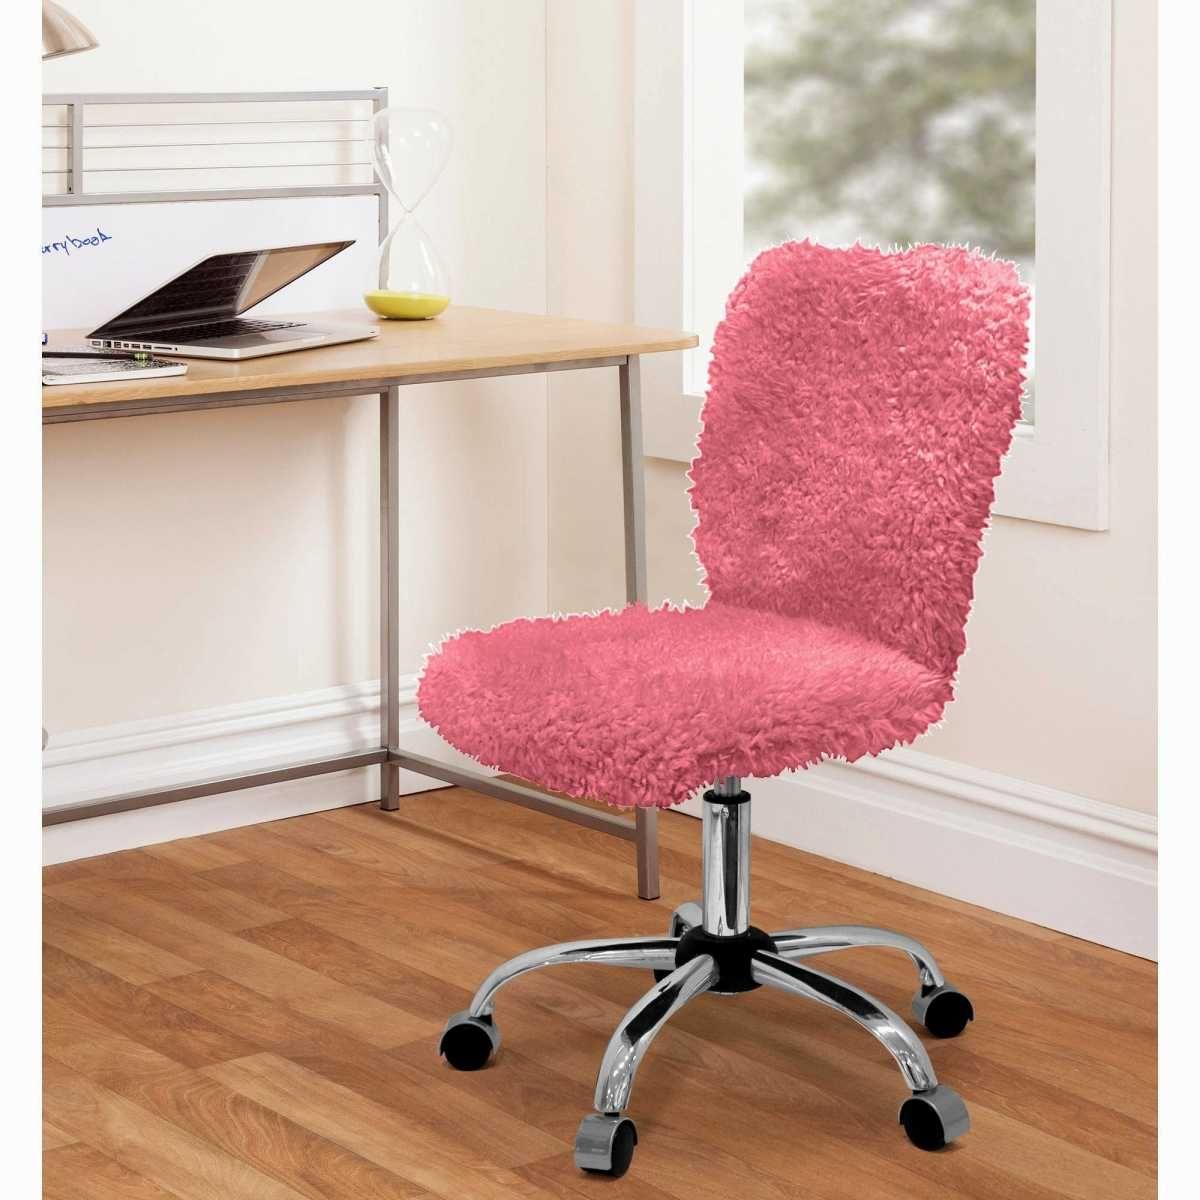 Desk Chair Cushion Price Girls Desk Chair Cute Desk Chair Kids Desk Chair